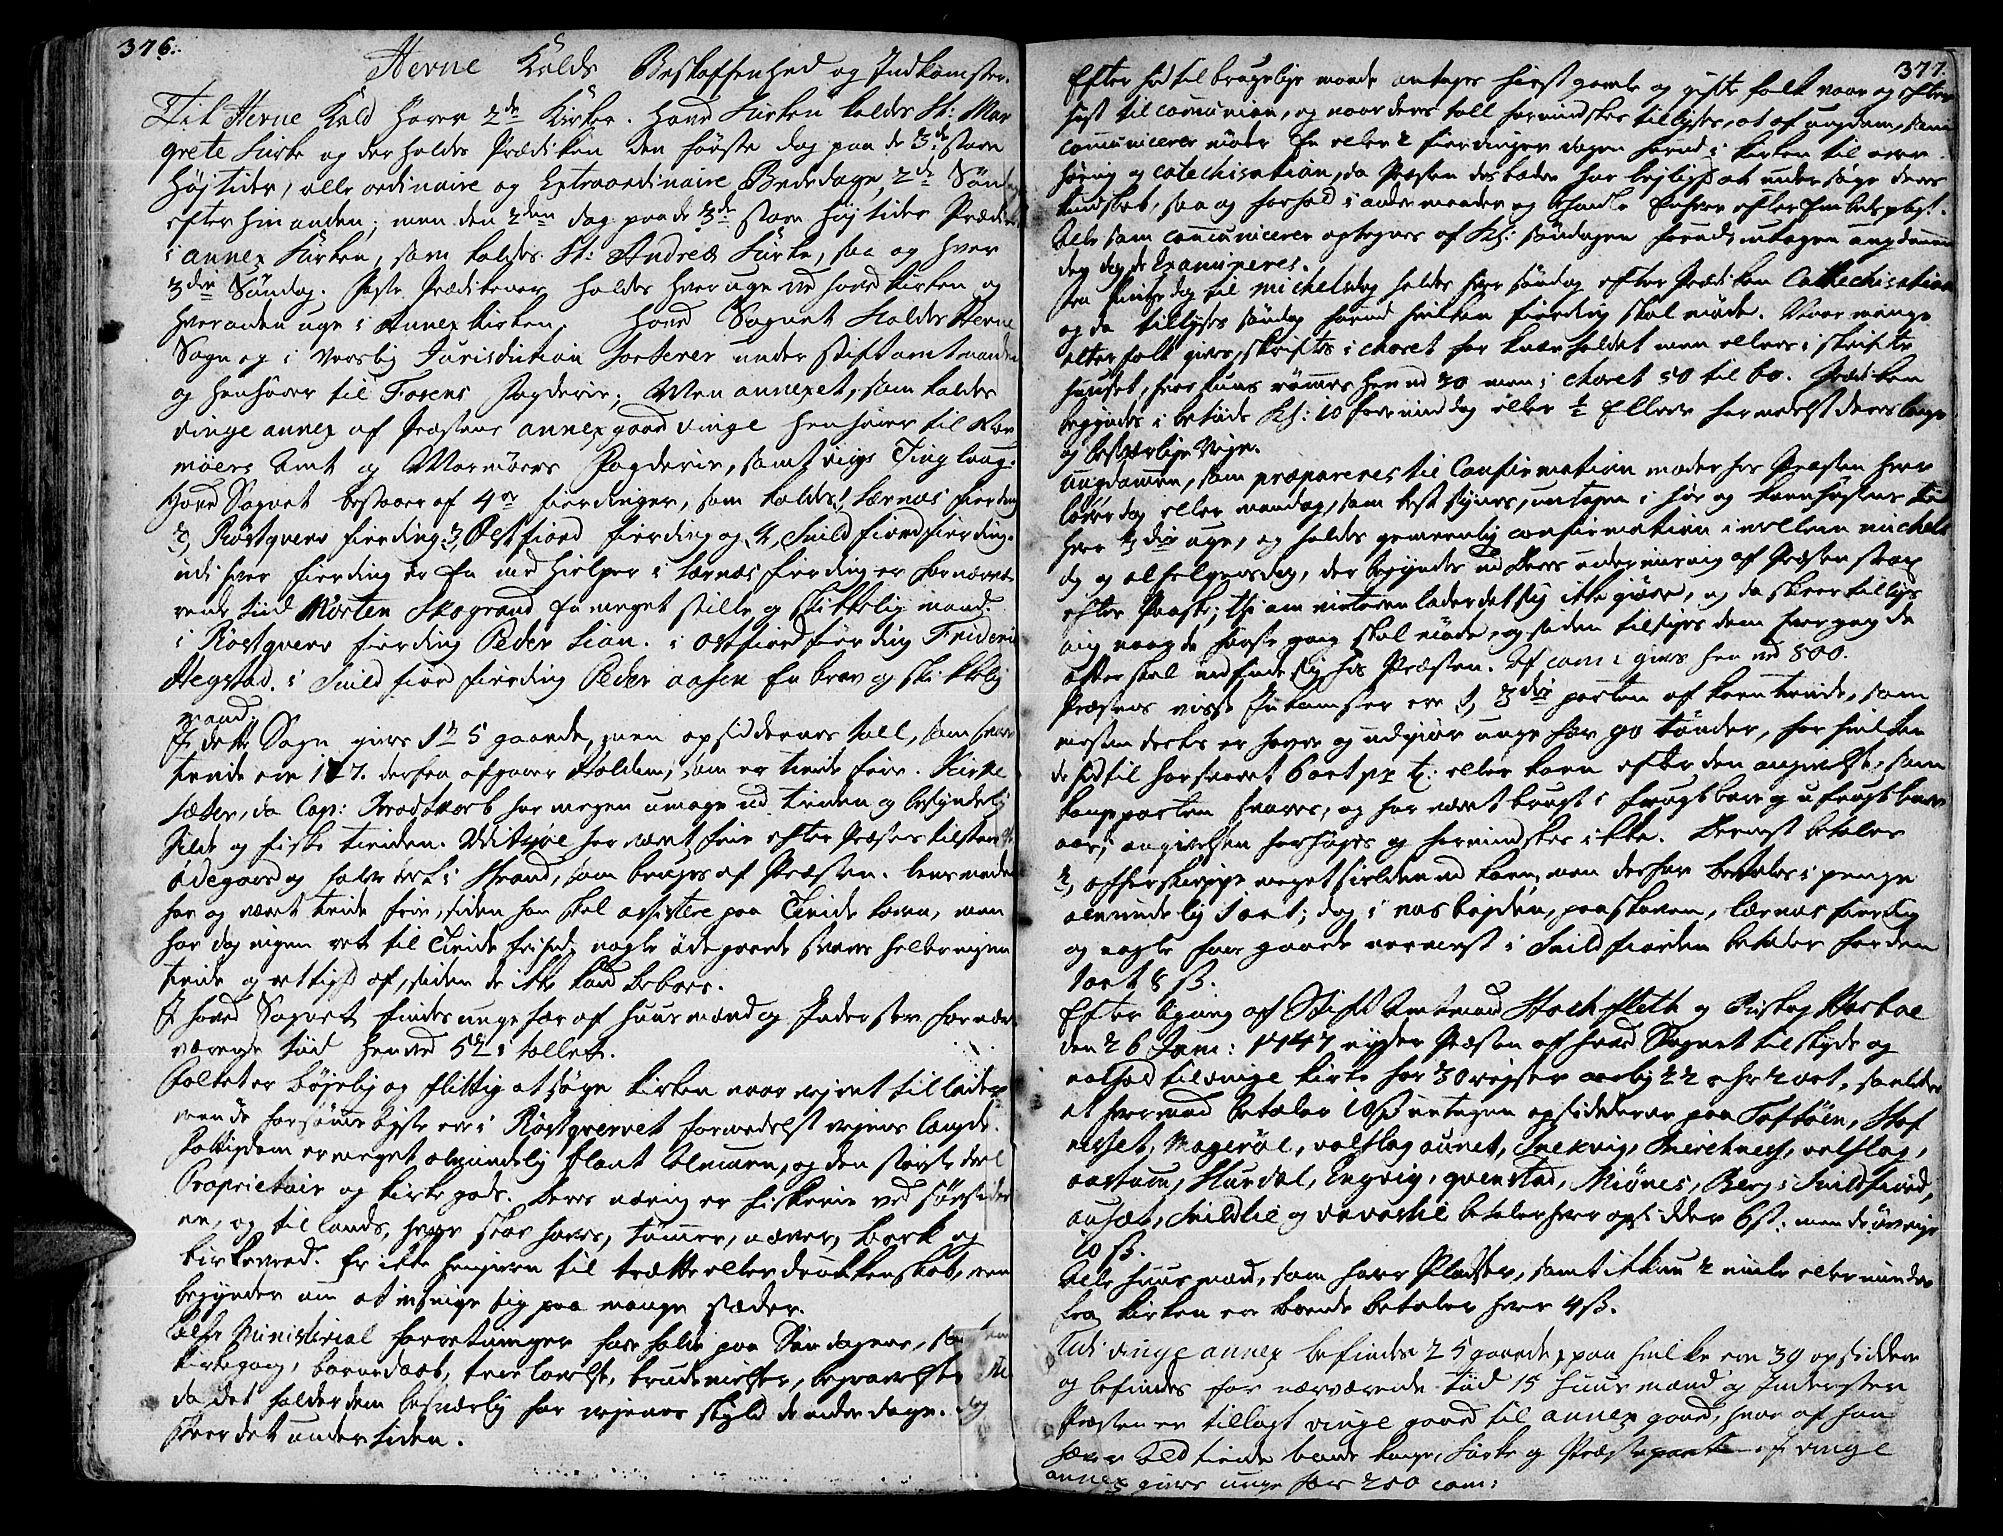 SAT, Ministerialprotokoller, klokkerbøker og fødselsregistre - Sør-Trøndelag, 630/L0489: Ministerialbok nr. 630A02, 1757-1794, s. 376-377